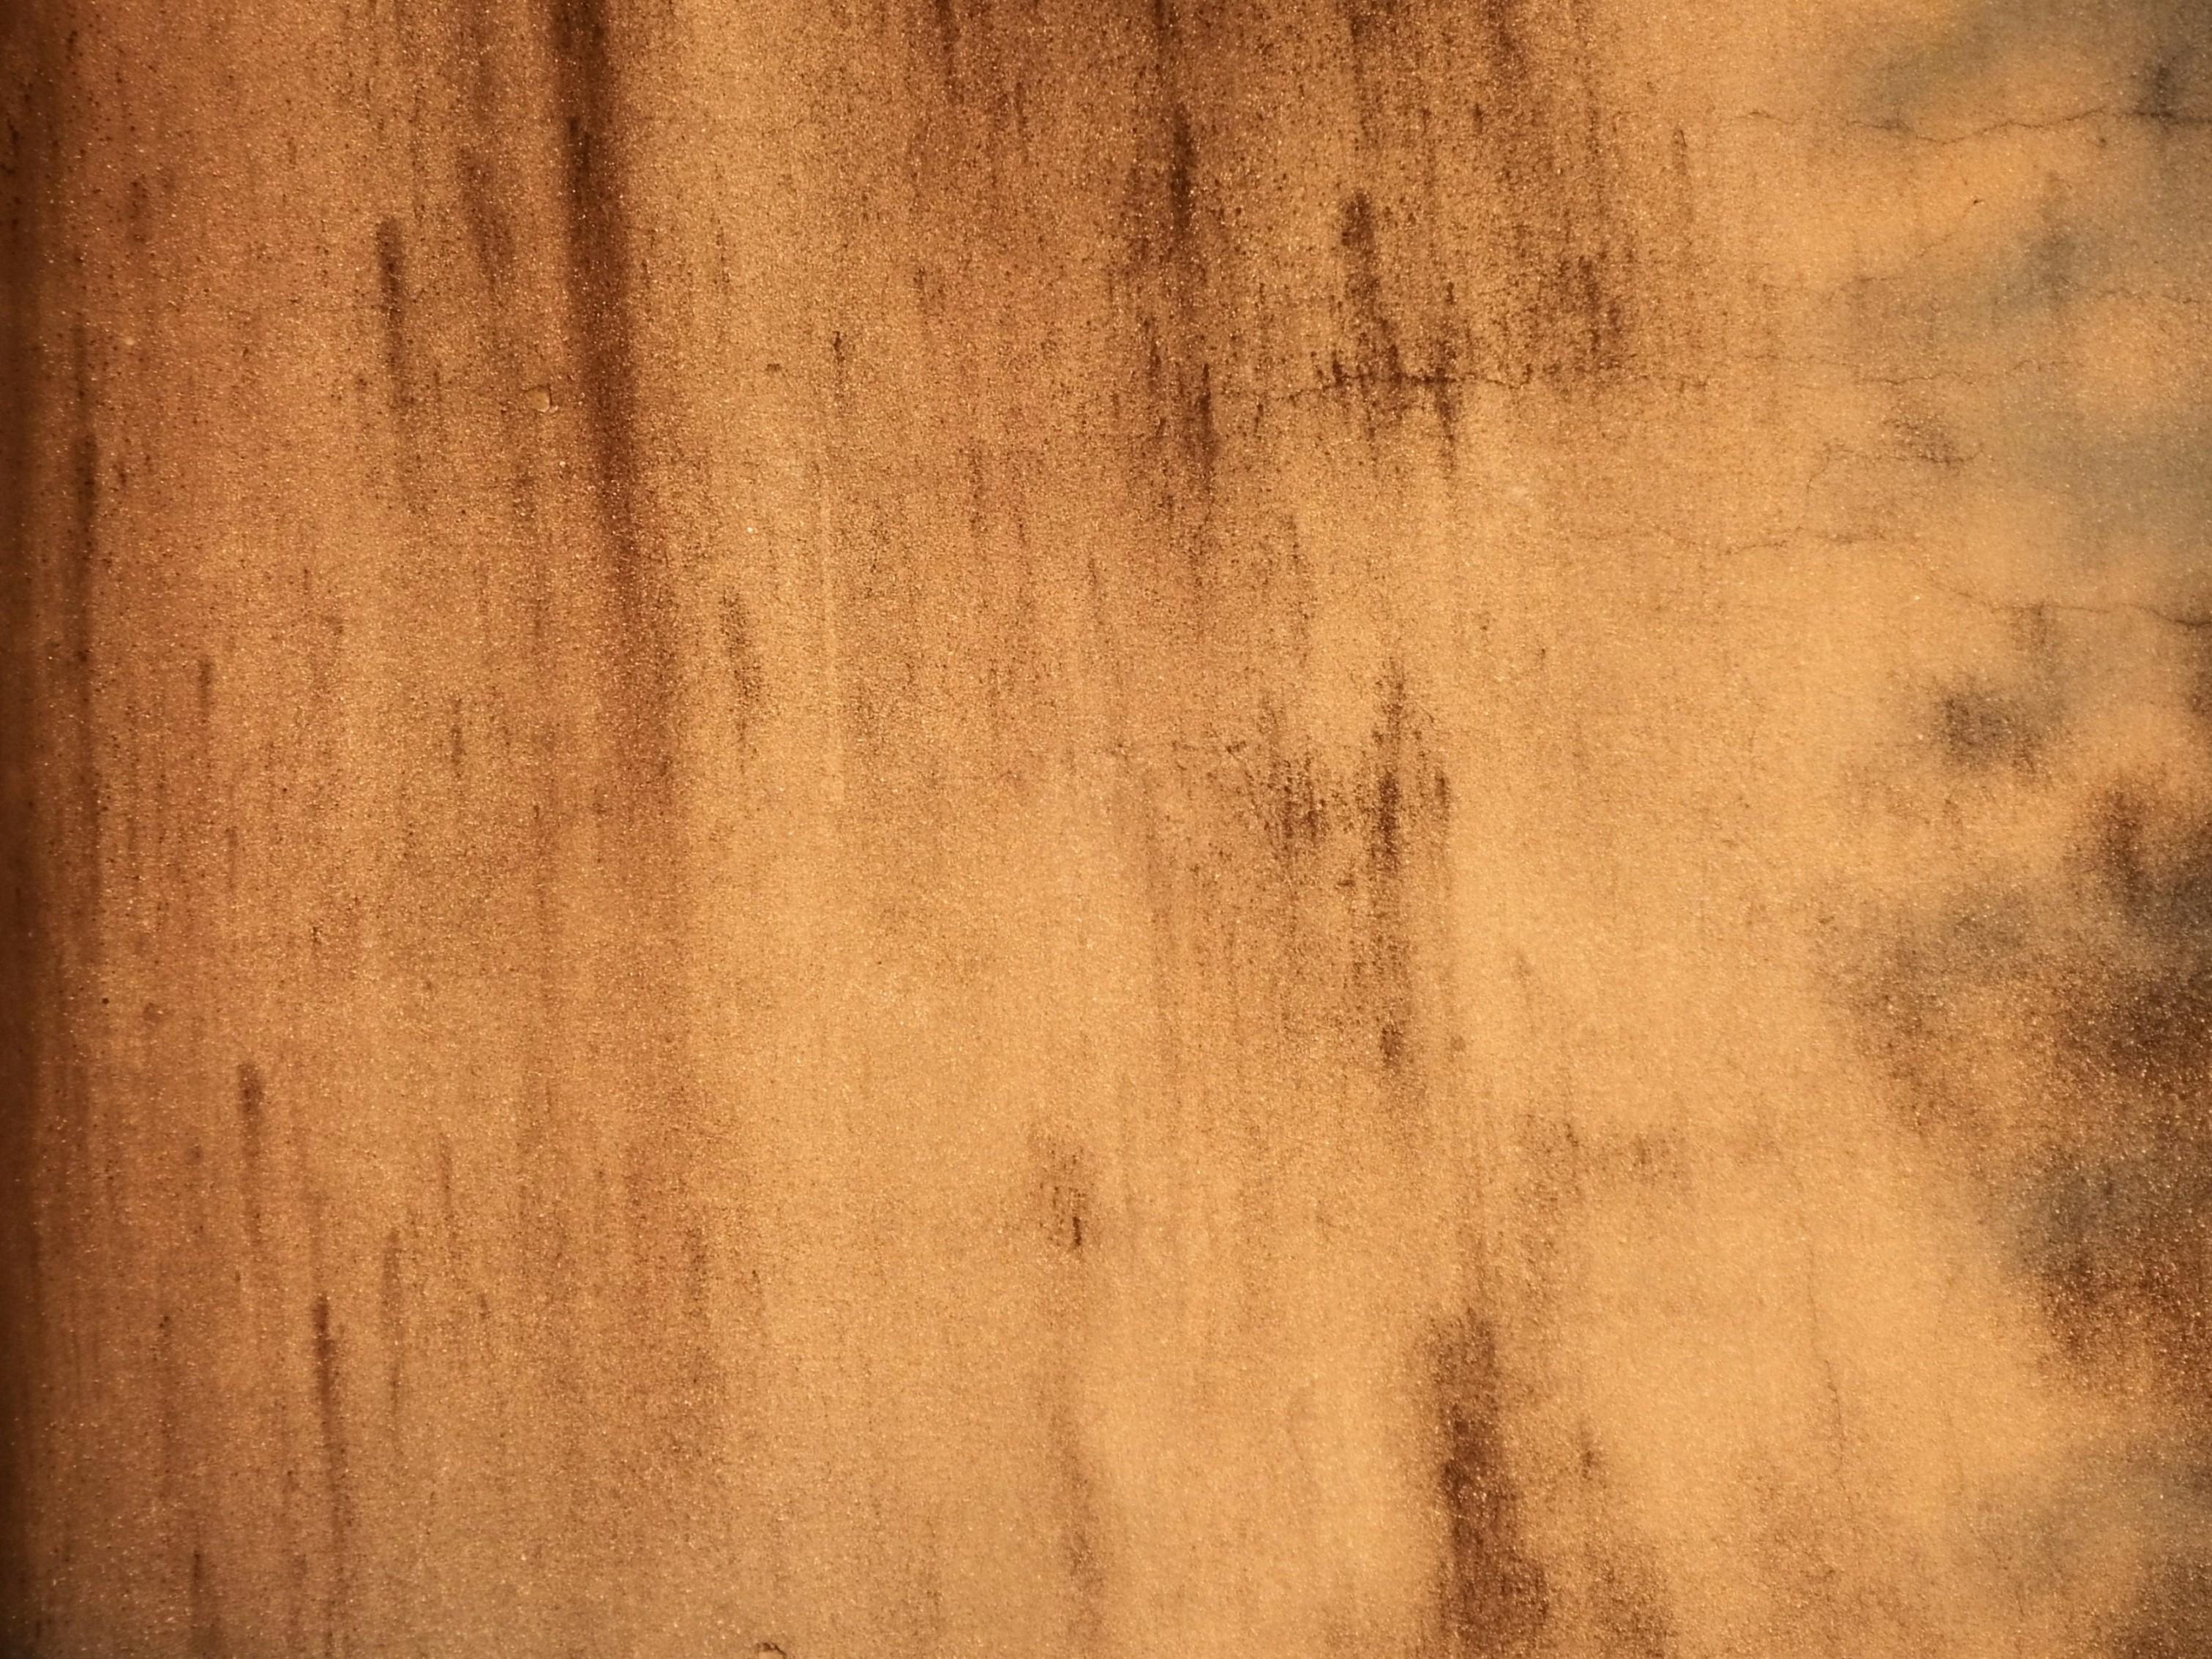 Golden Brown Concrete Texture Plaster Paint Old Light Hq Photo